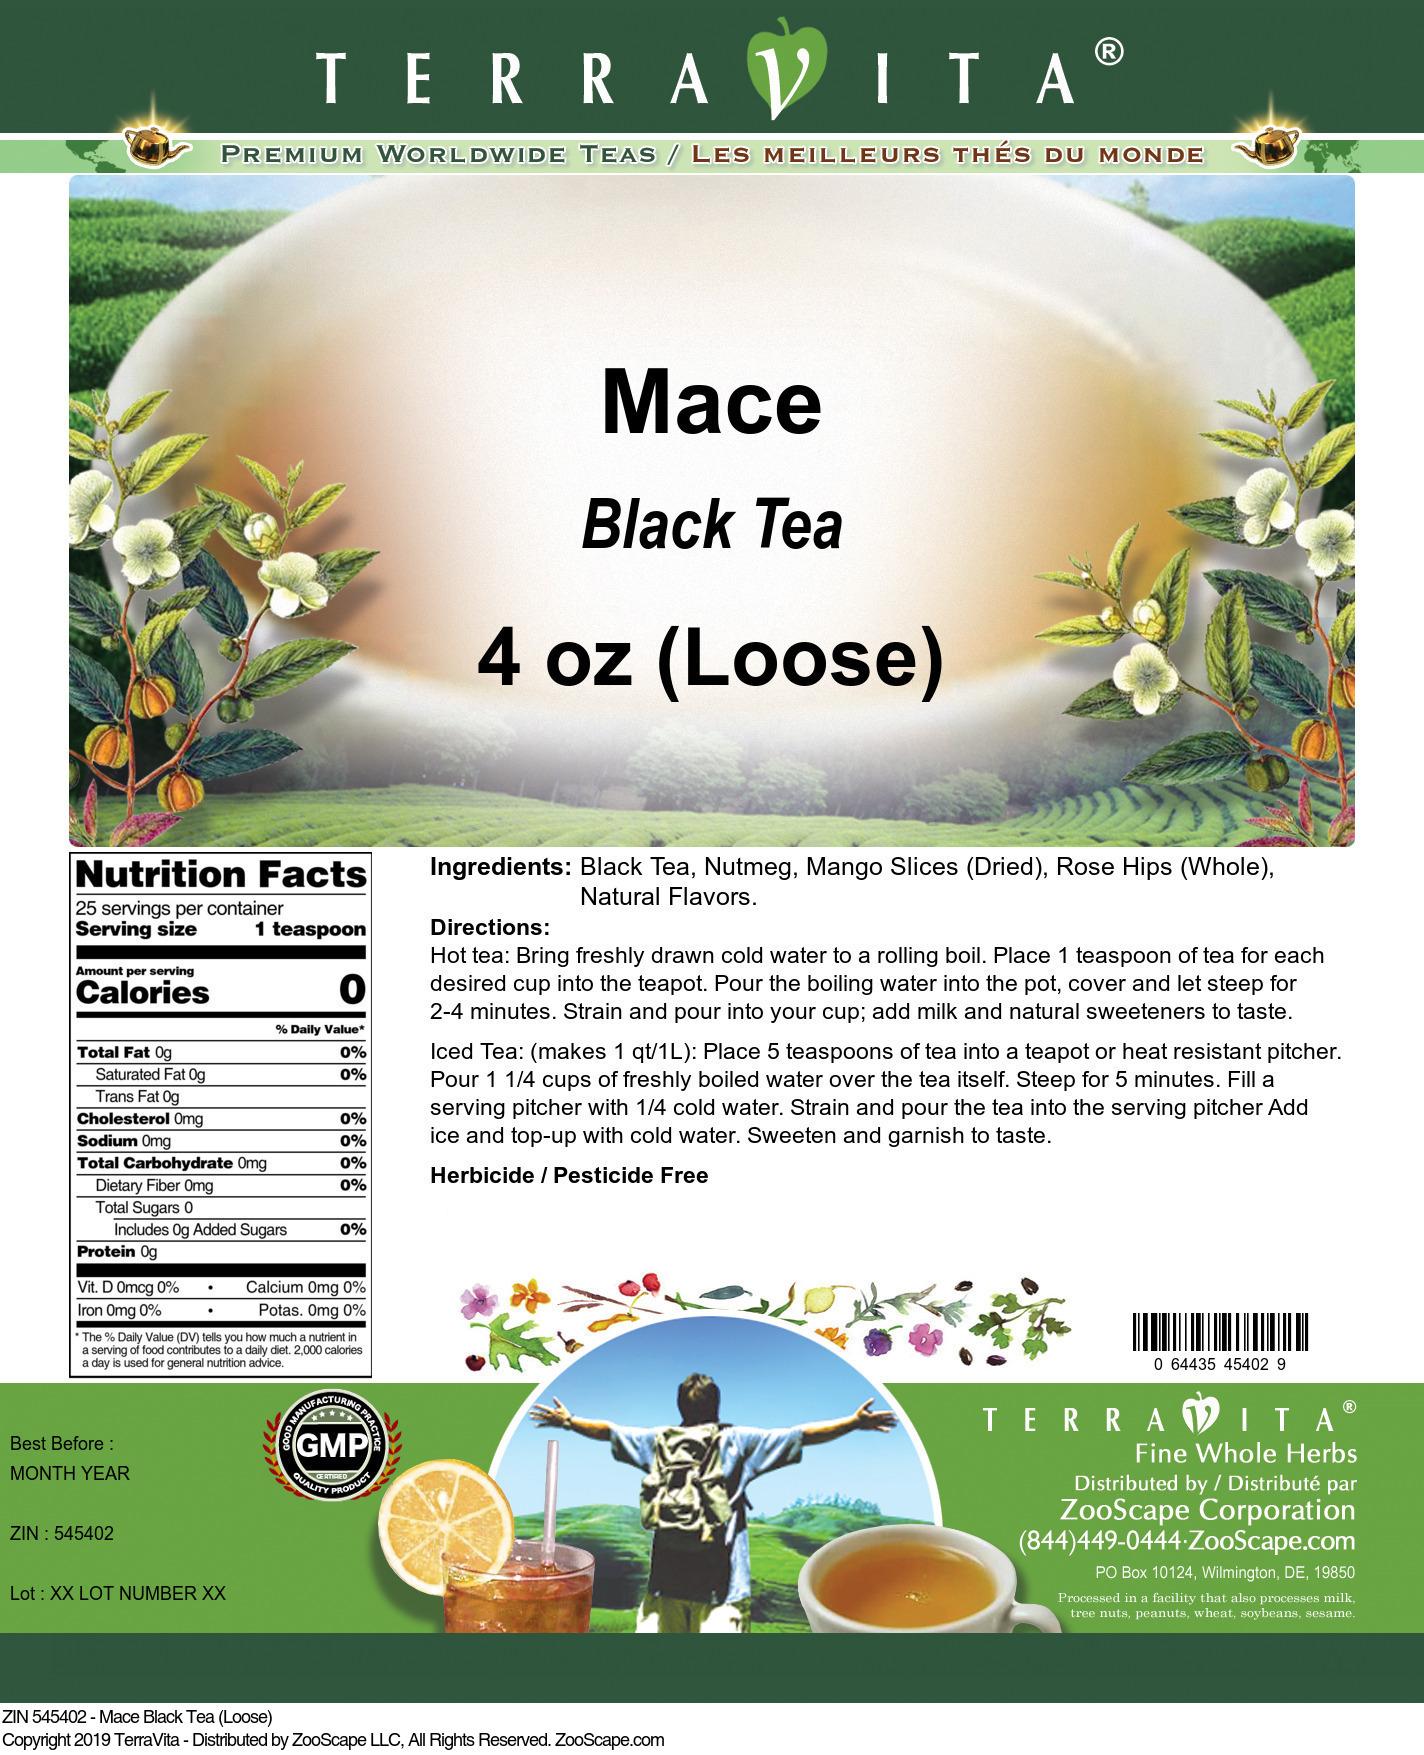 Mace Black Tea (Loose)